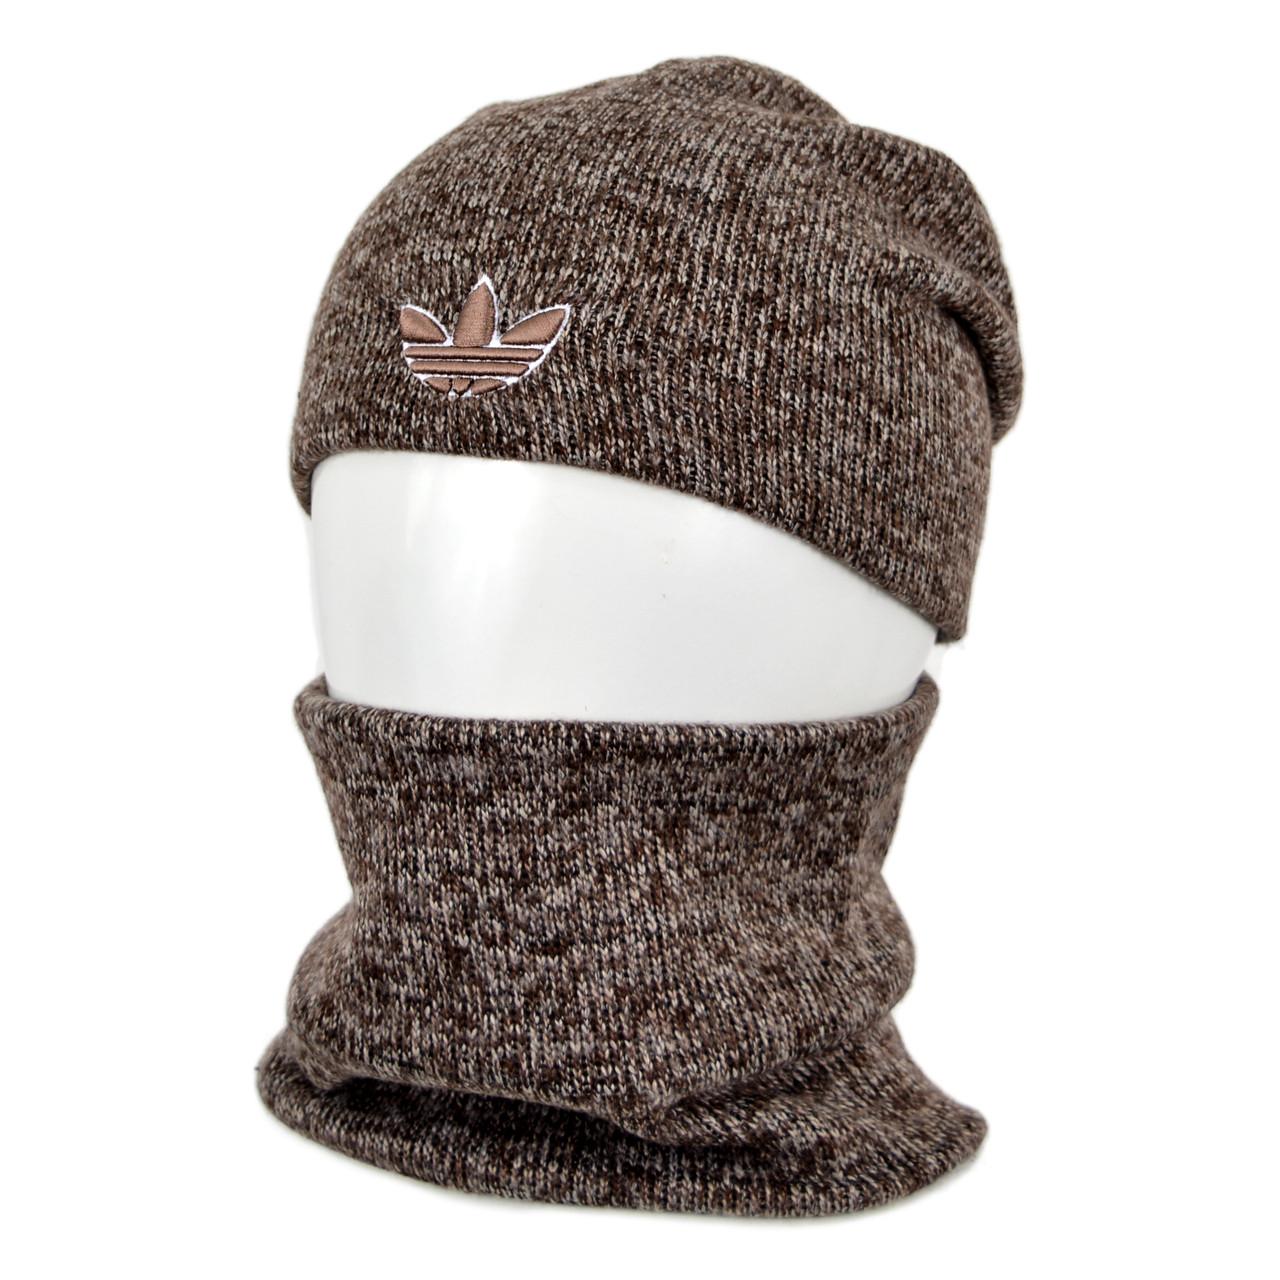 Комплект шапка+баф adidas SP1902 коричневый